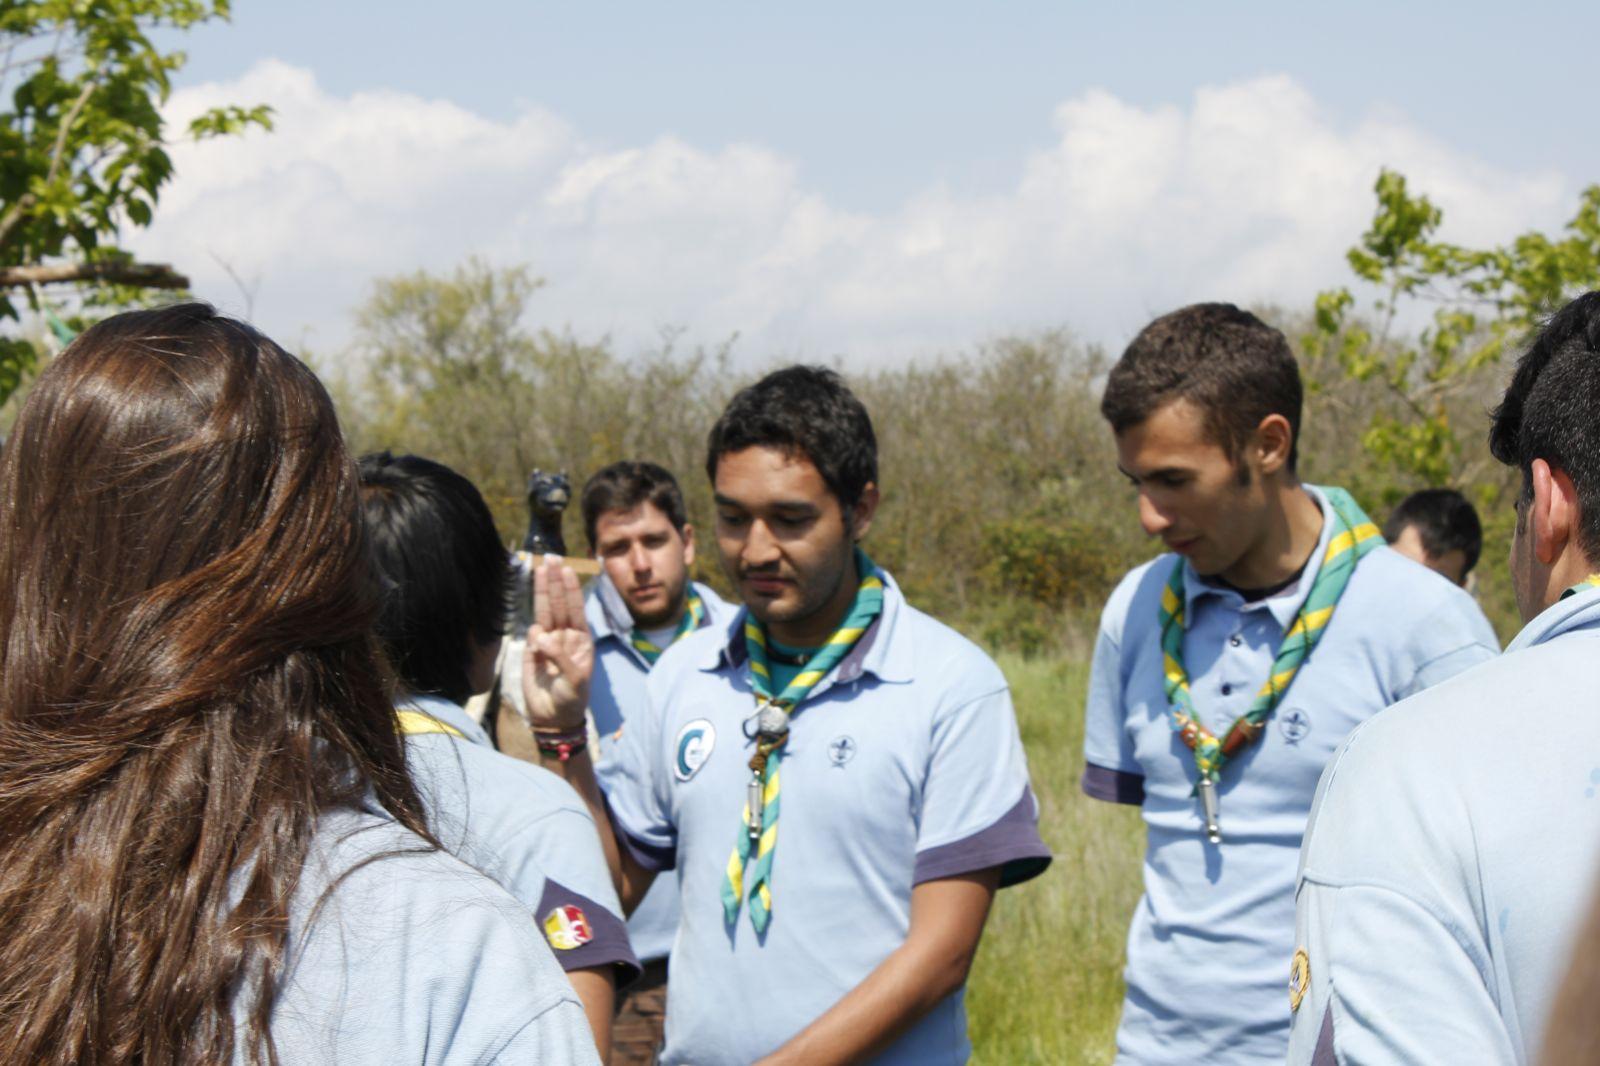 Campaments de Primavera de tot lAgrupament 2011 - _MG_2538.JPG